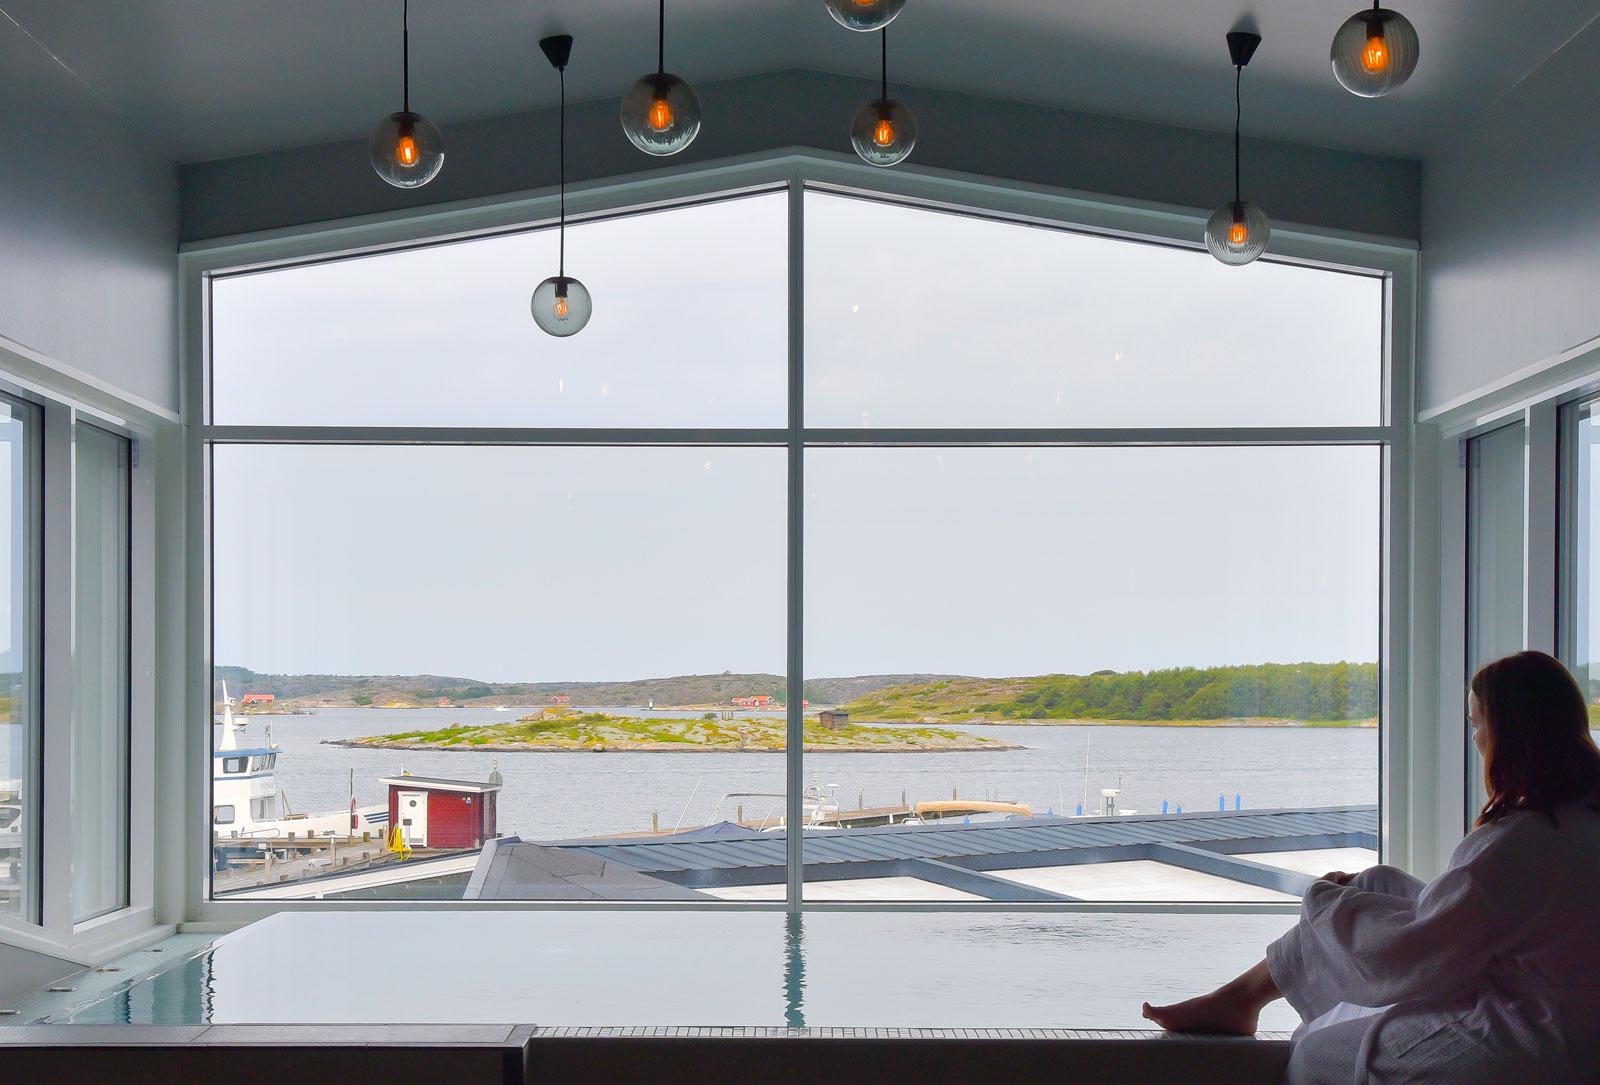 Efter en aktiv dag är det extra njutbart med lugnet i SPA och utsikten över hamnen vid TanumStrand.